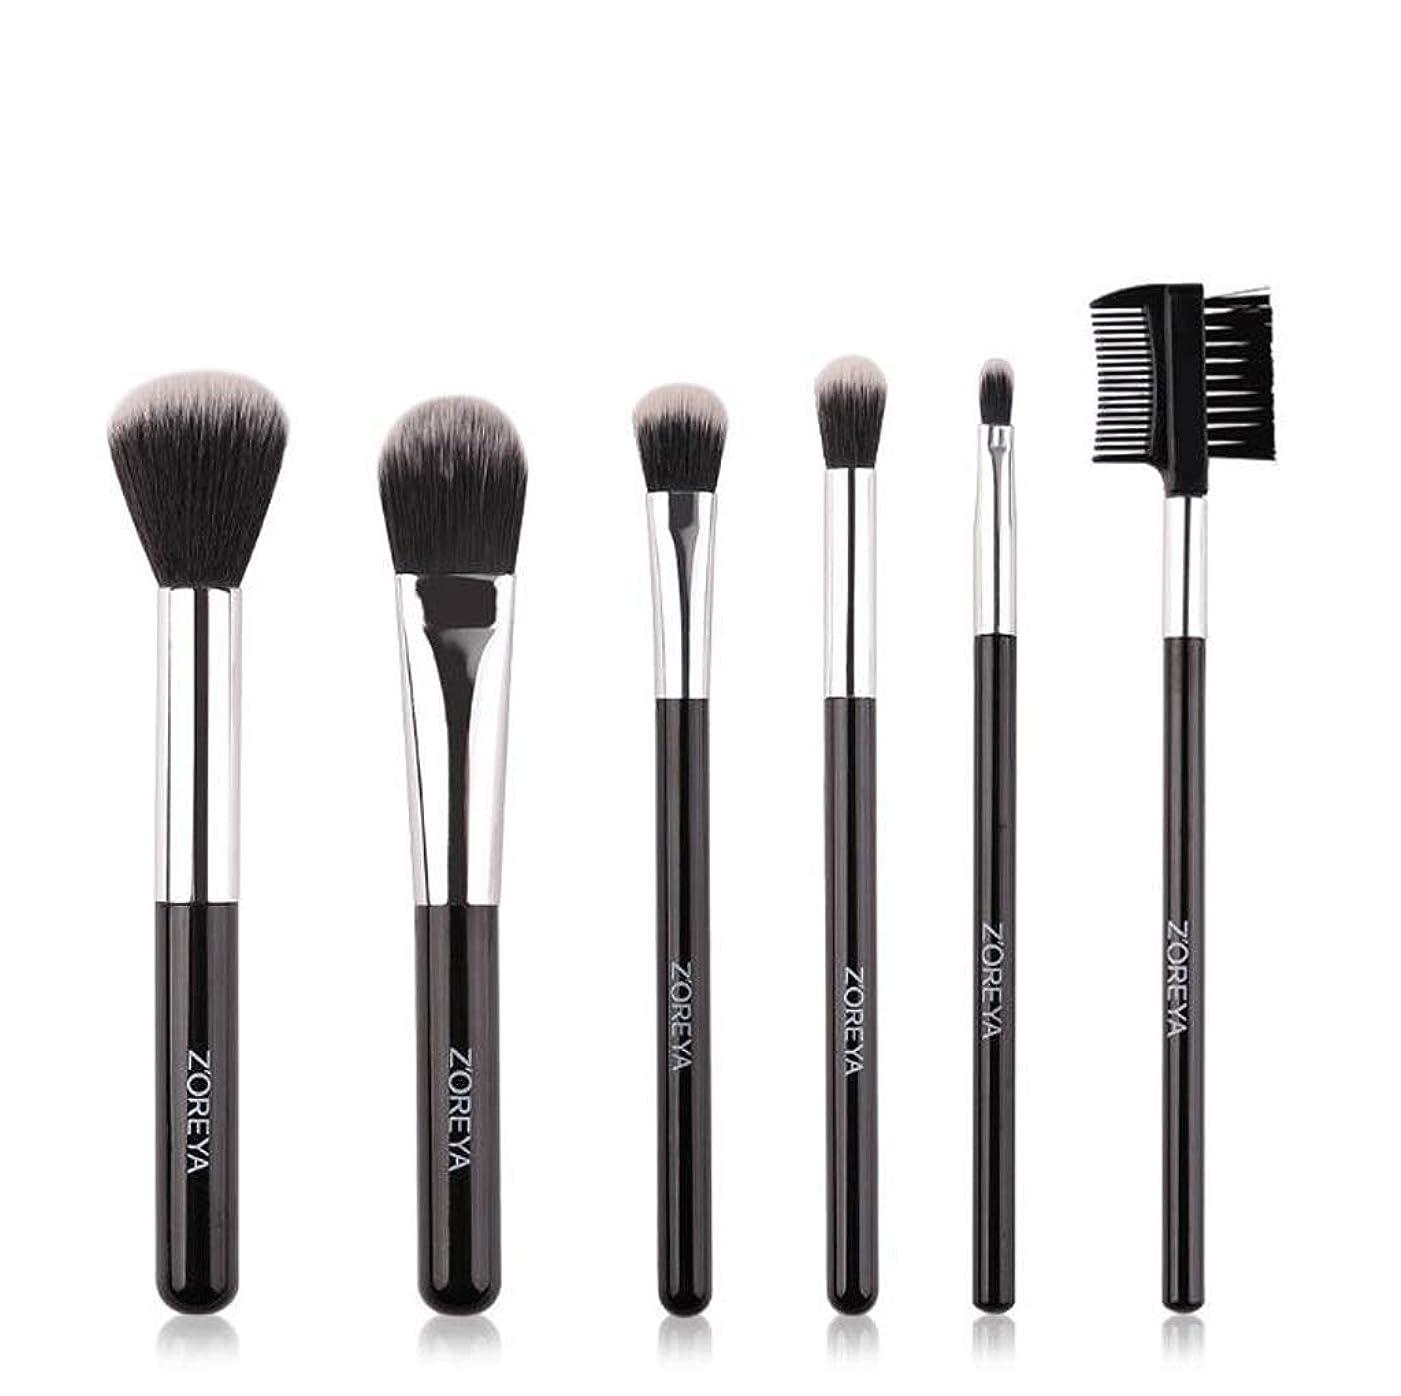 マーキング着服グローMAKE-UP BRUSHES HOME 化粧筆6本化粧ブラシセット、化粧品セット、リップアイライナーアイシャドーブレンドブラシ(カラー:ピンク) (Color : BLACK)